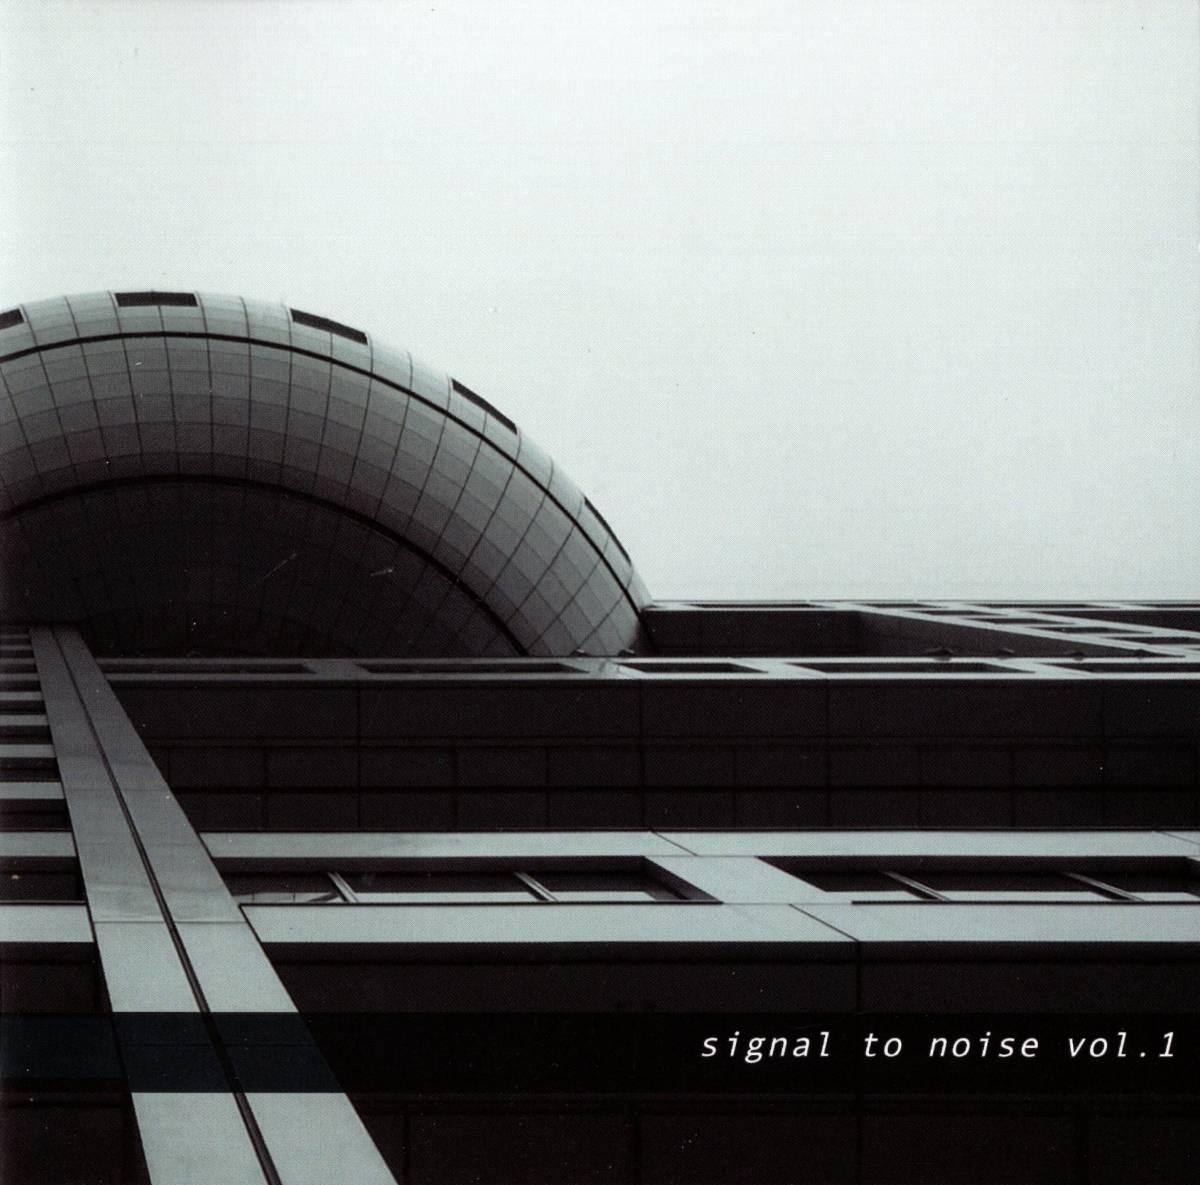 【中古】Jason Kahn, Norbert Moslang, Gunter Muller, Keiichiro Shibuya; 渋谷慶一郎, .. - Signal To Noise Vol. 1; For 4 Ears CD 1763